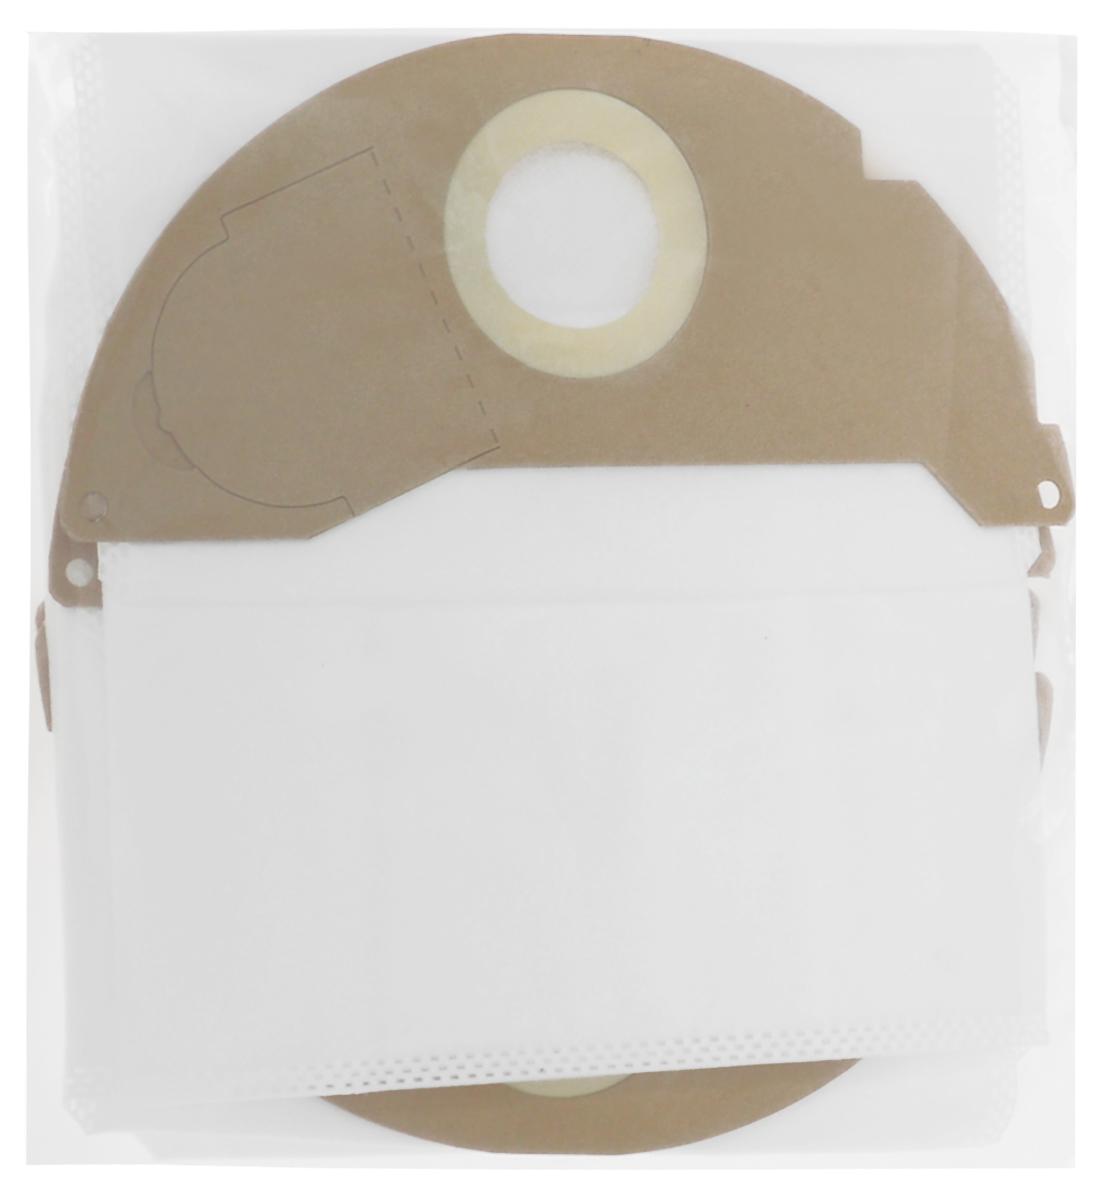 Filtero KAR 05 Pro комплект пылесборников для промышленных пылесосов, 4 шт